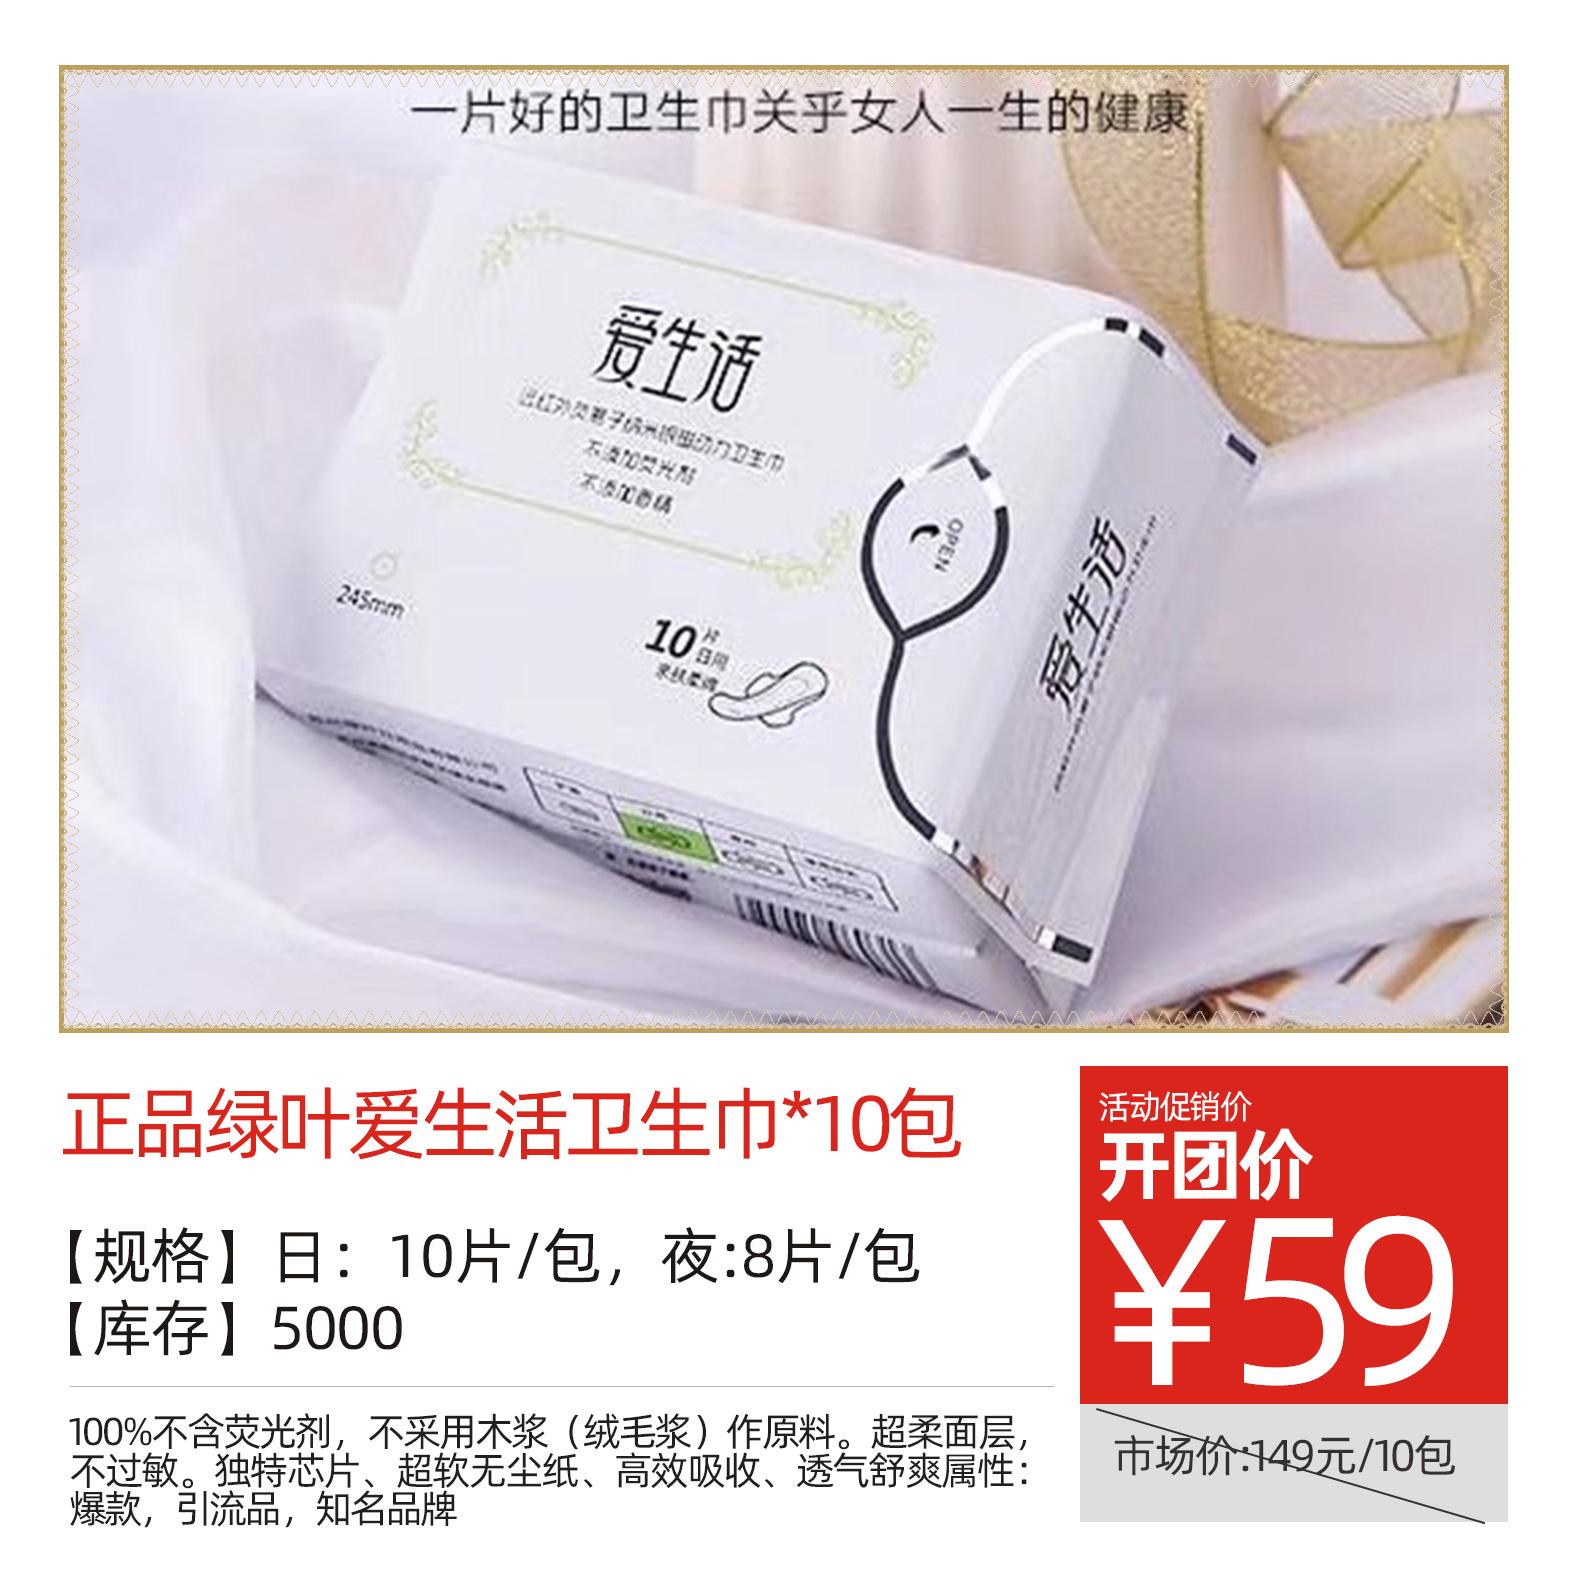 正品绿叶爱生活卫生巾10包